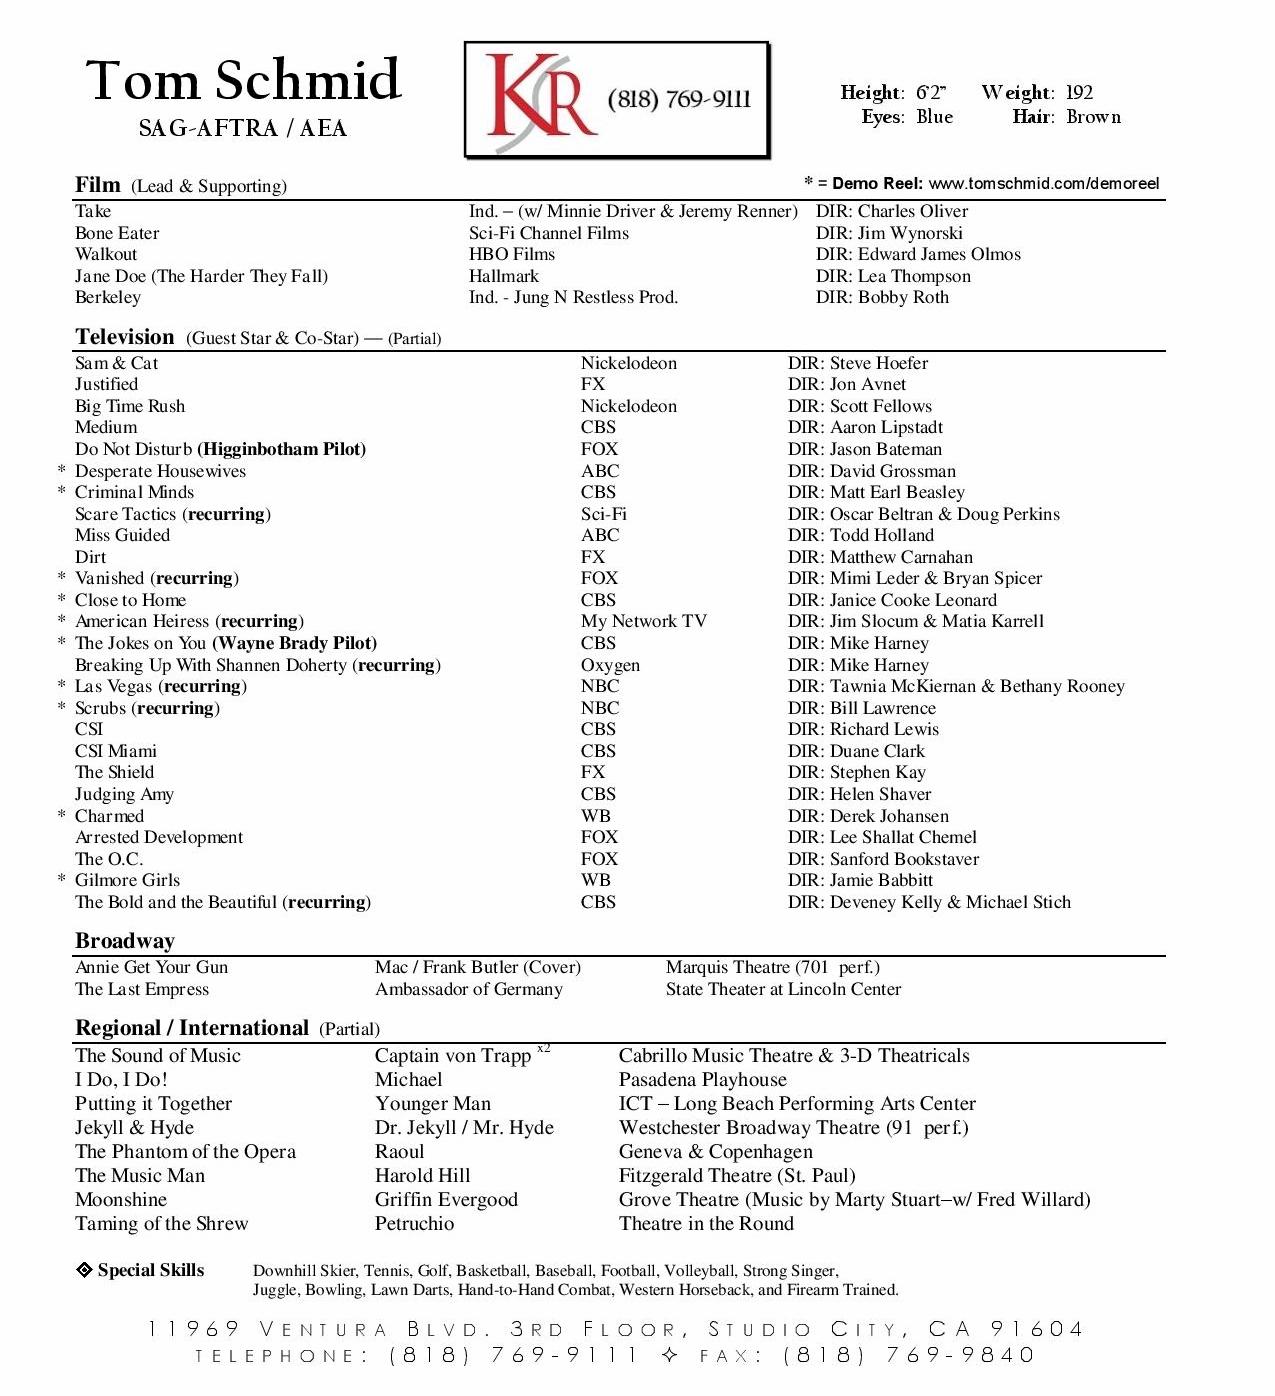 Tom Schmid - Resume.jpg